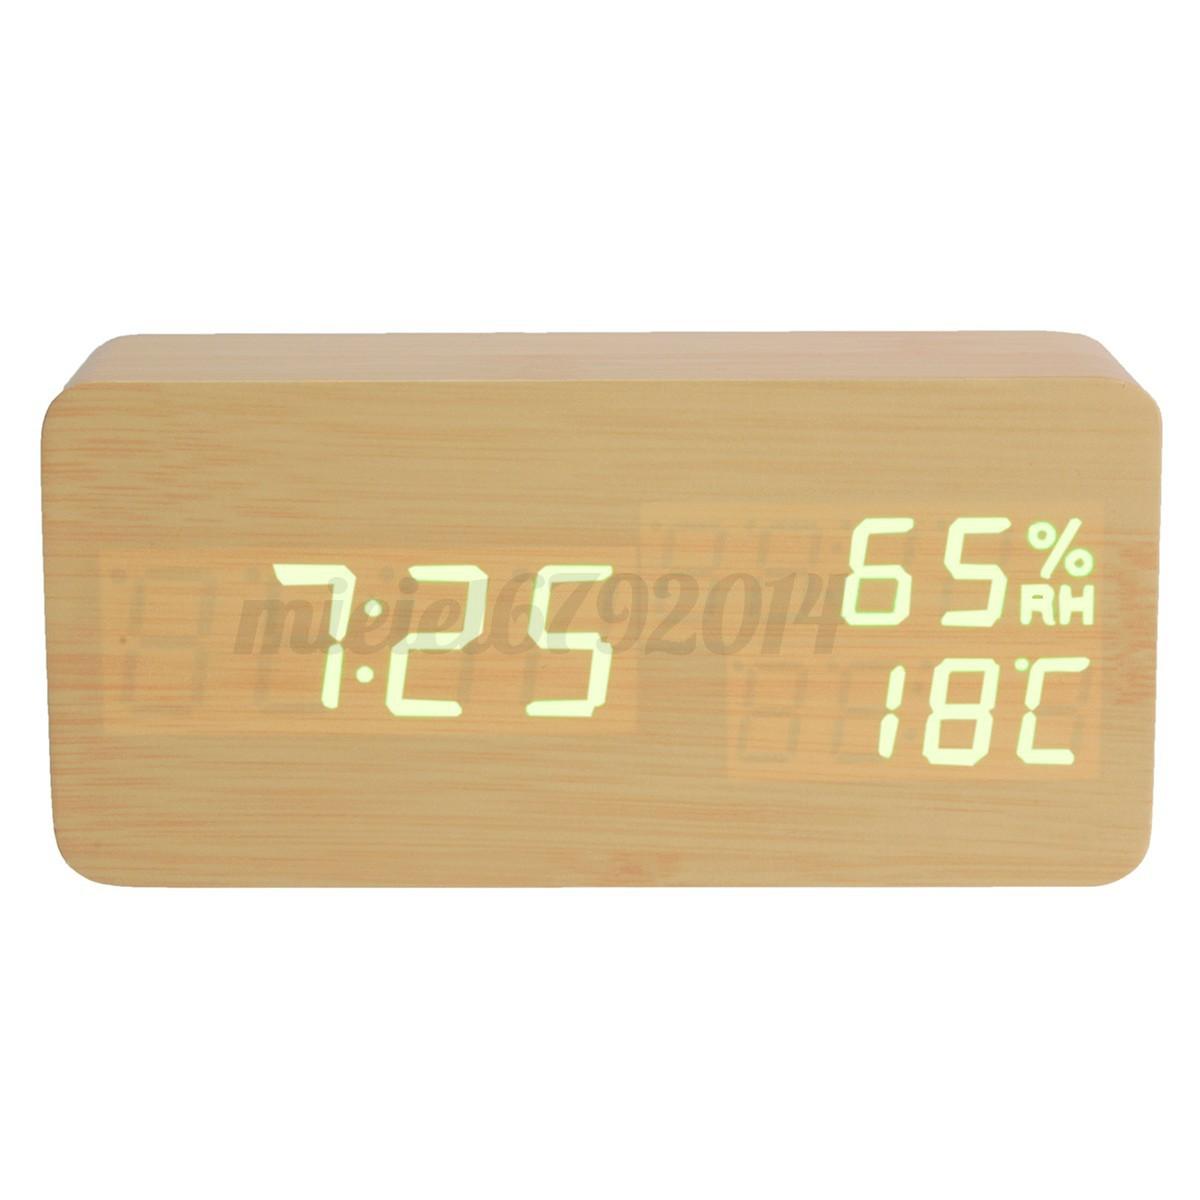 digitaler led wecker thermometer kalender wooden holz alarm uhr temperatur datum ebay. Black Bedroom Furniture Sets. Home Design Ideas